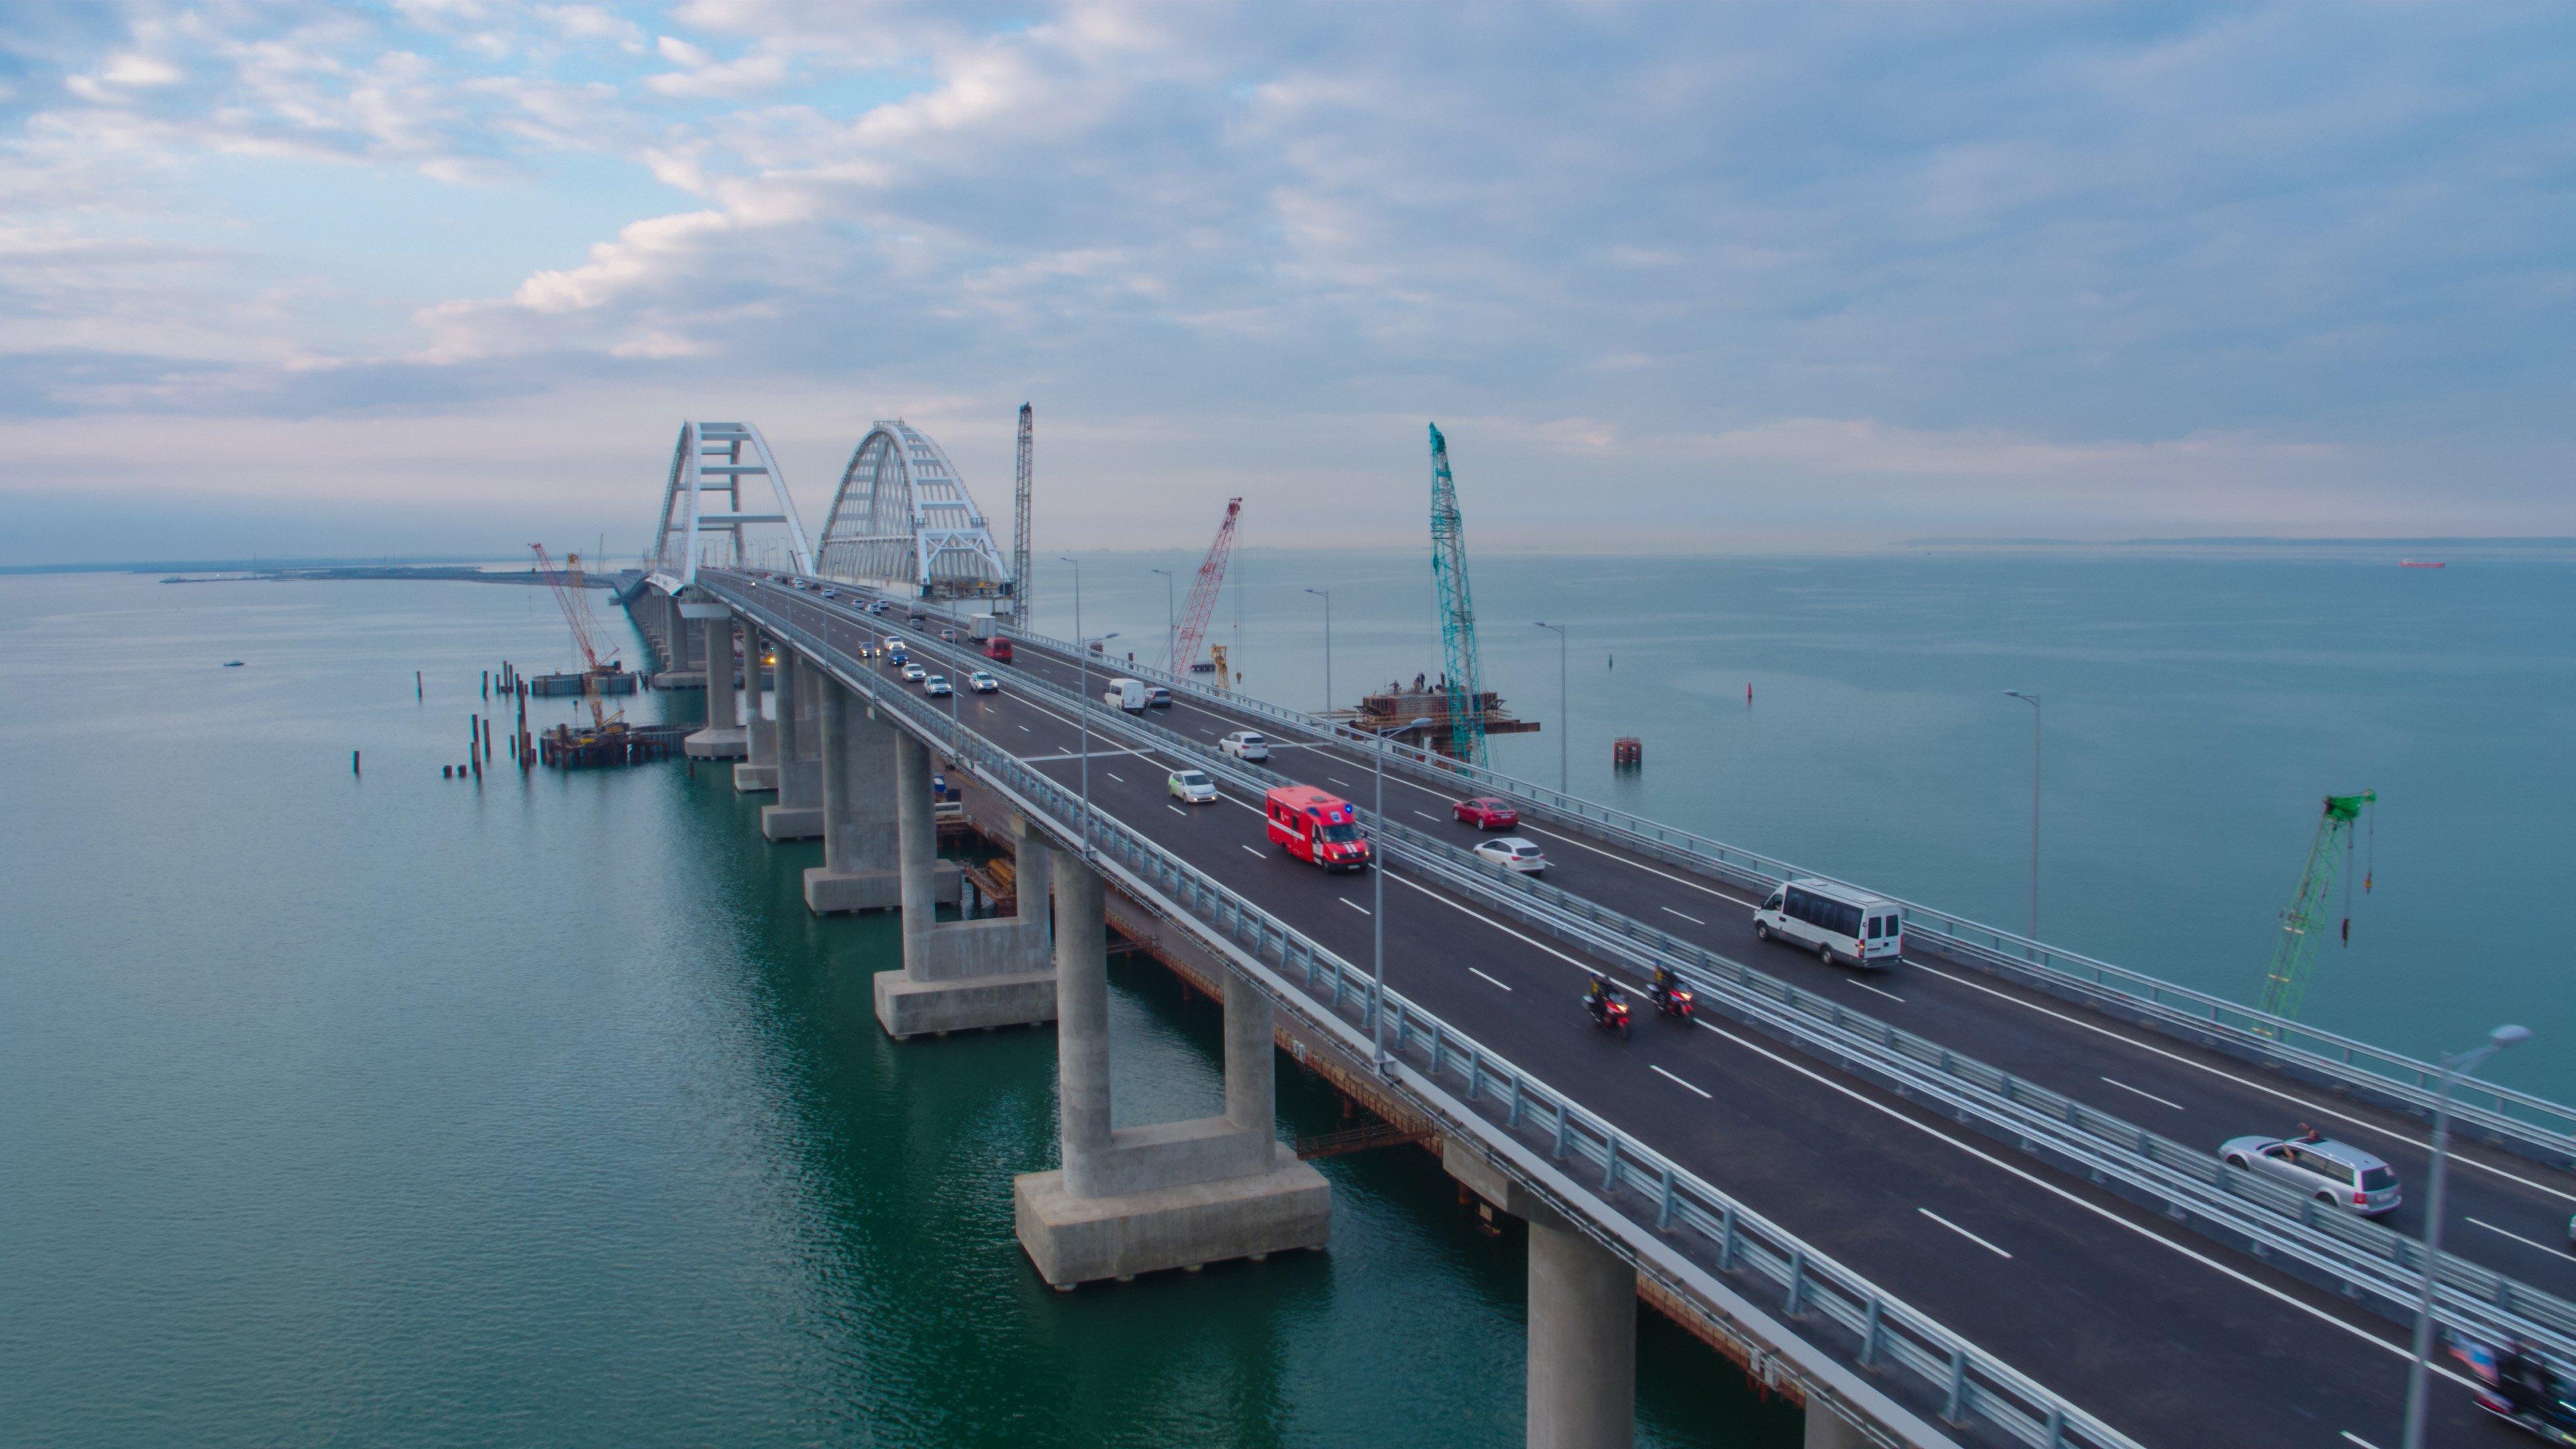 Ученый предупредил, что Крымский мост может быть снесен в результате извержения грязевого вулкана